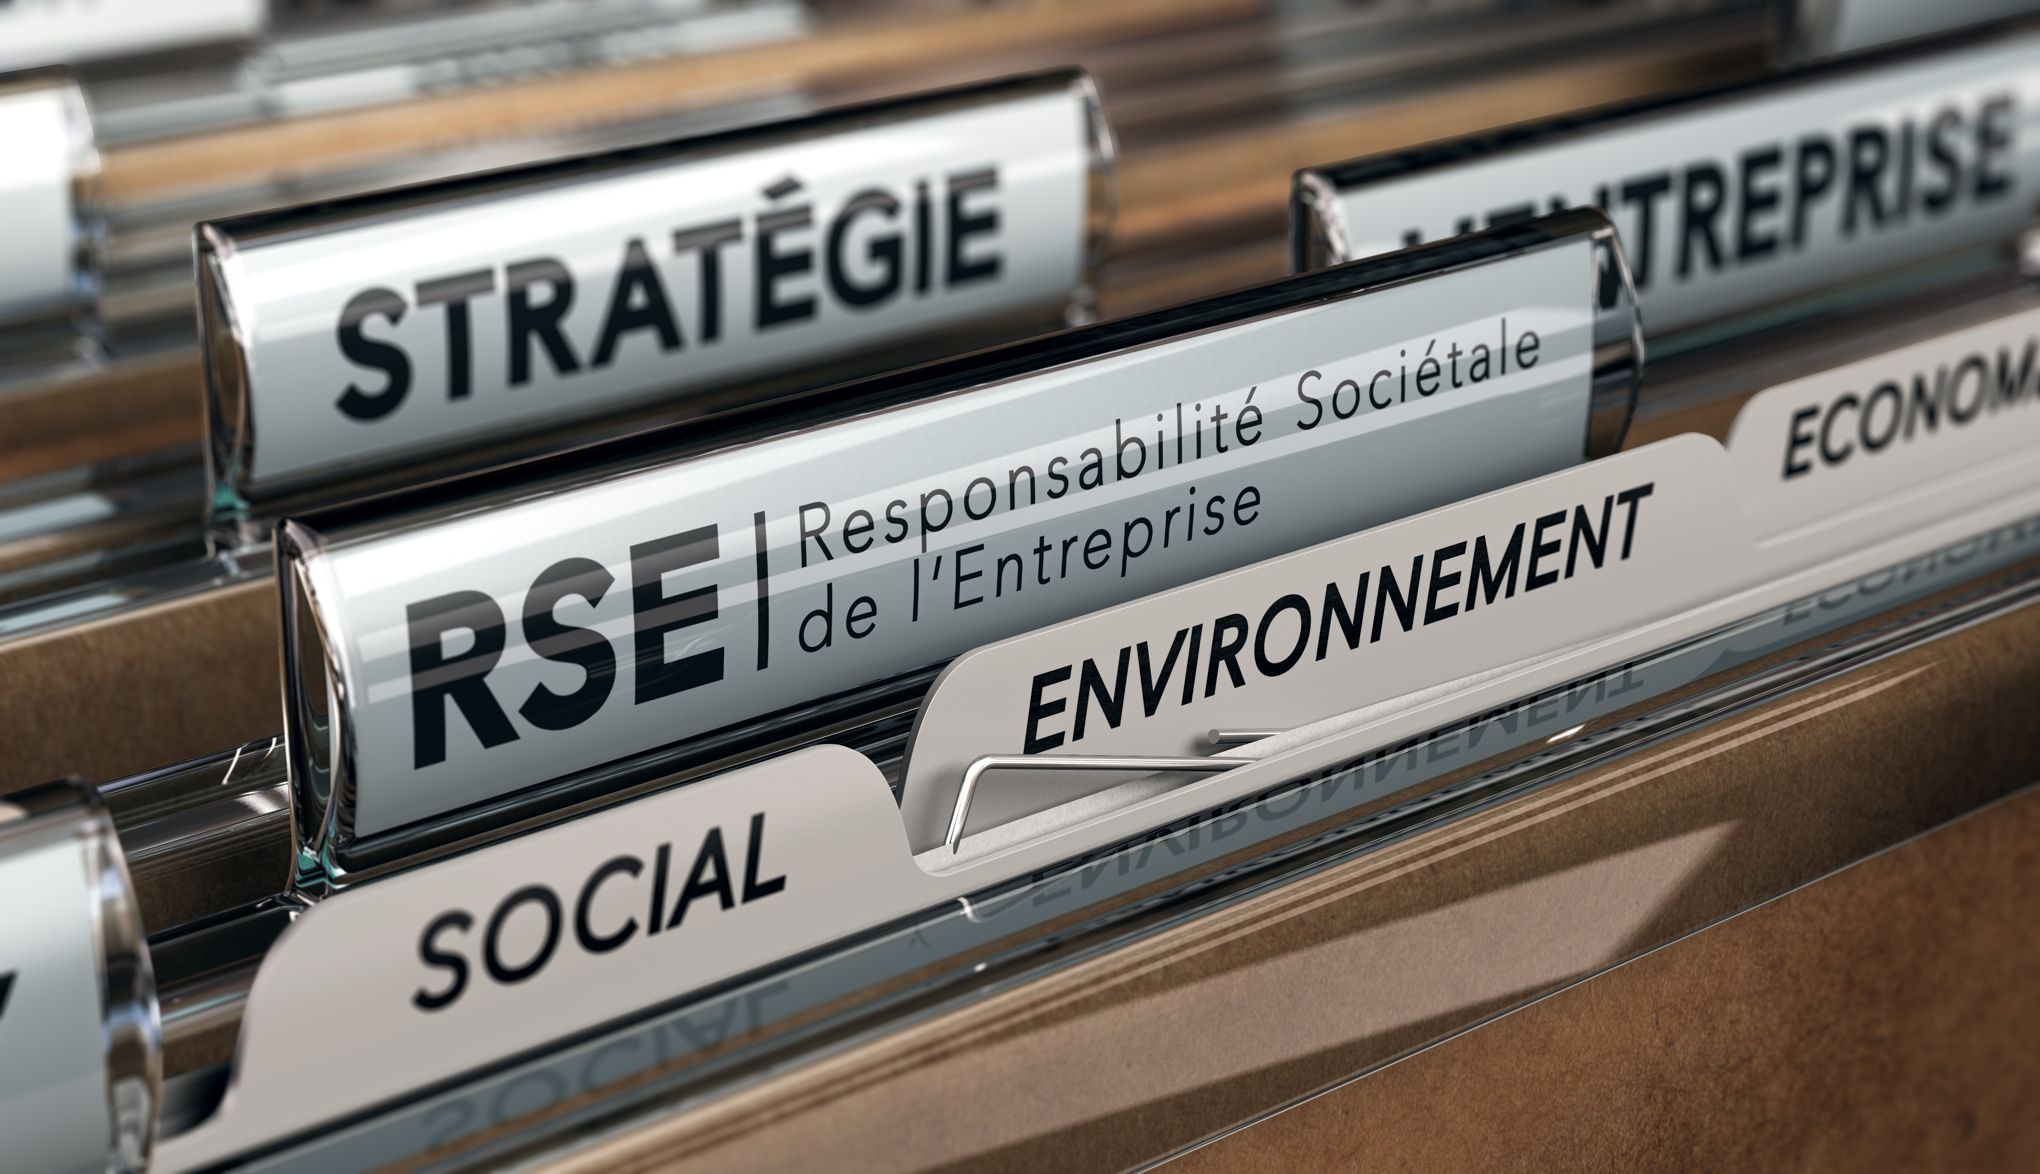 Les Français sceptiques sur le partage de la valeur en entreprise